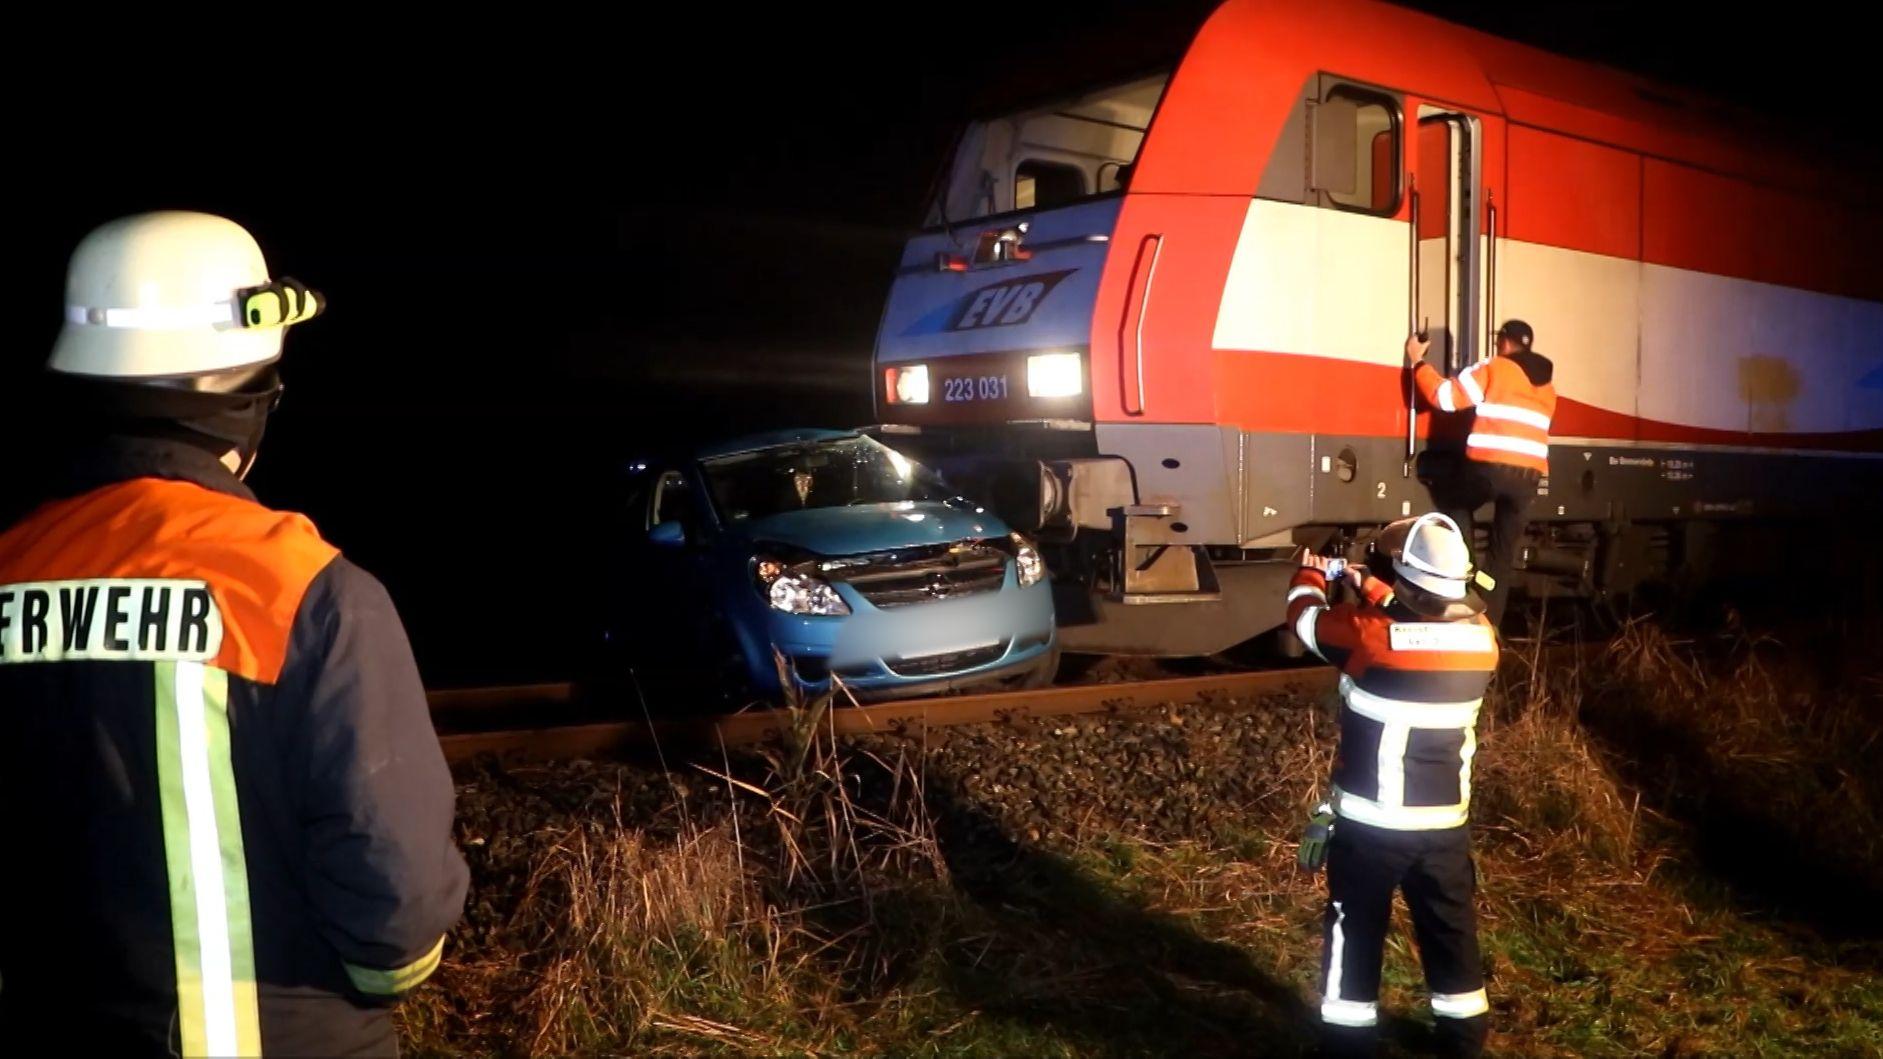 Bei einem Zusammenstoß mit einem Güterzug in Niederbayern sind eine Autofahrerin und ihre zwei Mitfahrer schwer verletzt worden.